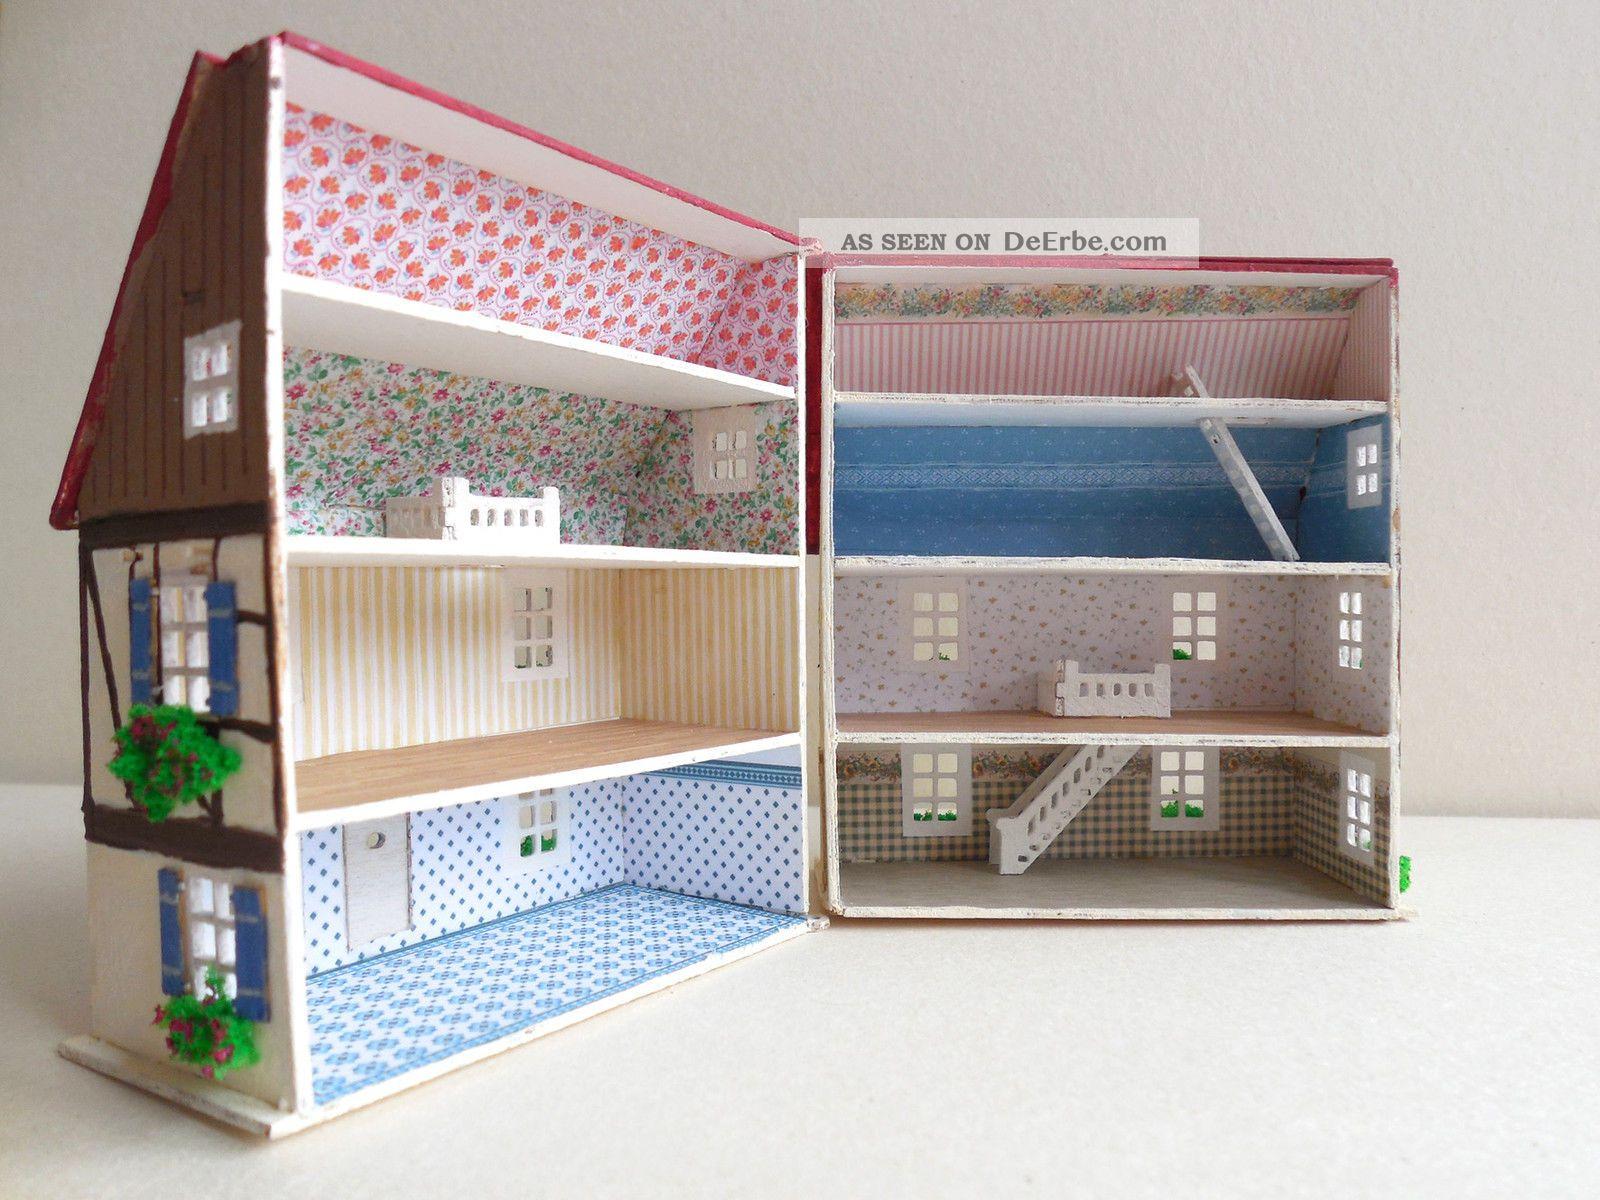 basteln h16095 7 cm scale 1 144 pocket baby house mit. Black Bedroom Furniture Sets. Home Design Ideas